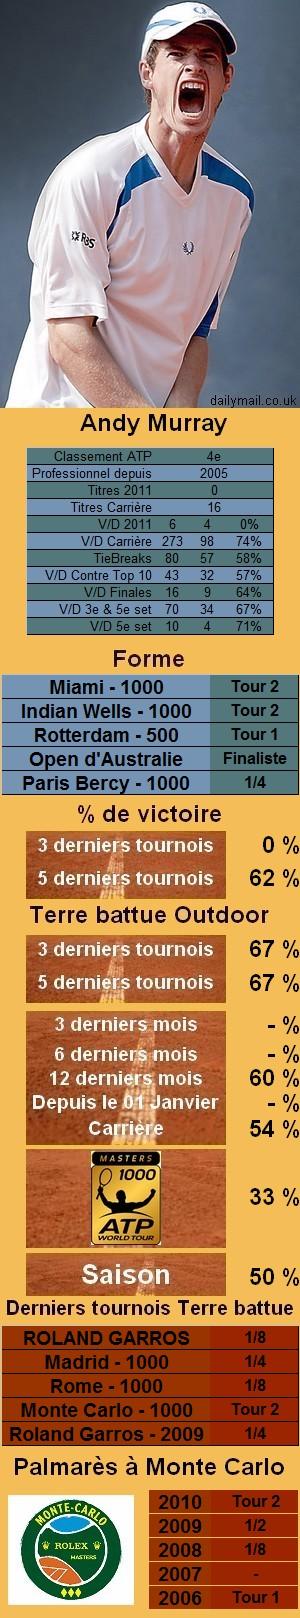 Les statistiques tennis de Andy Murray pour le tournoi de Monte Carlo